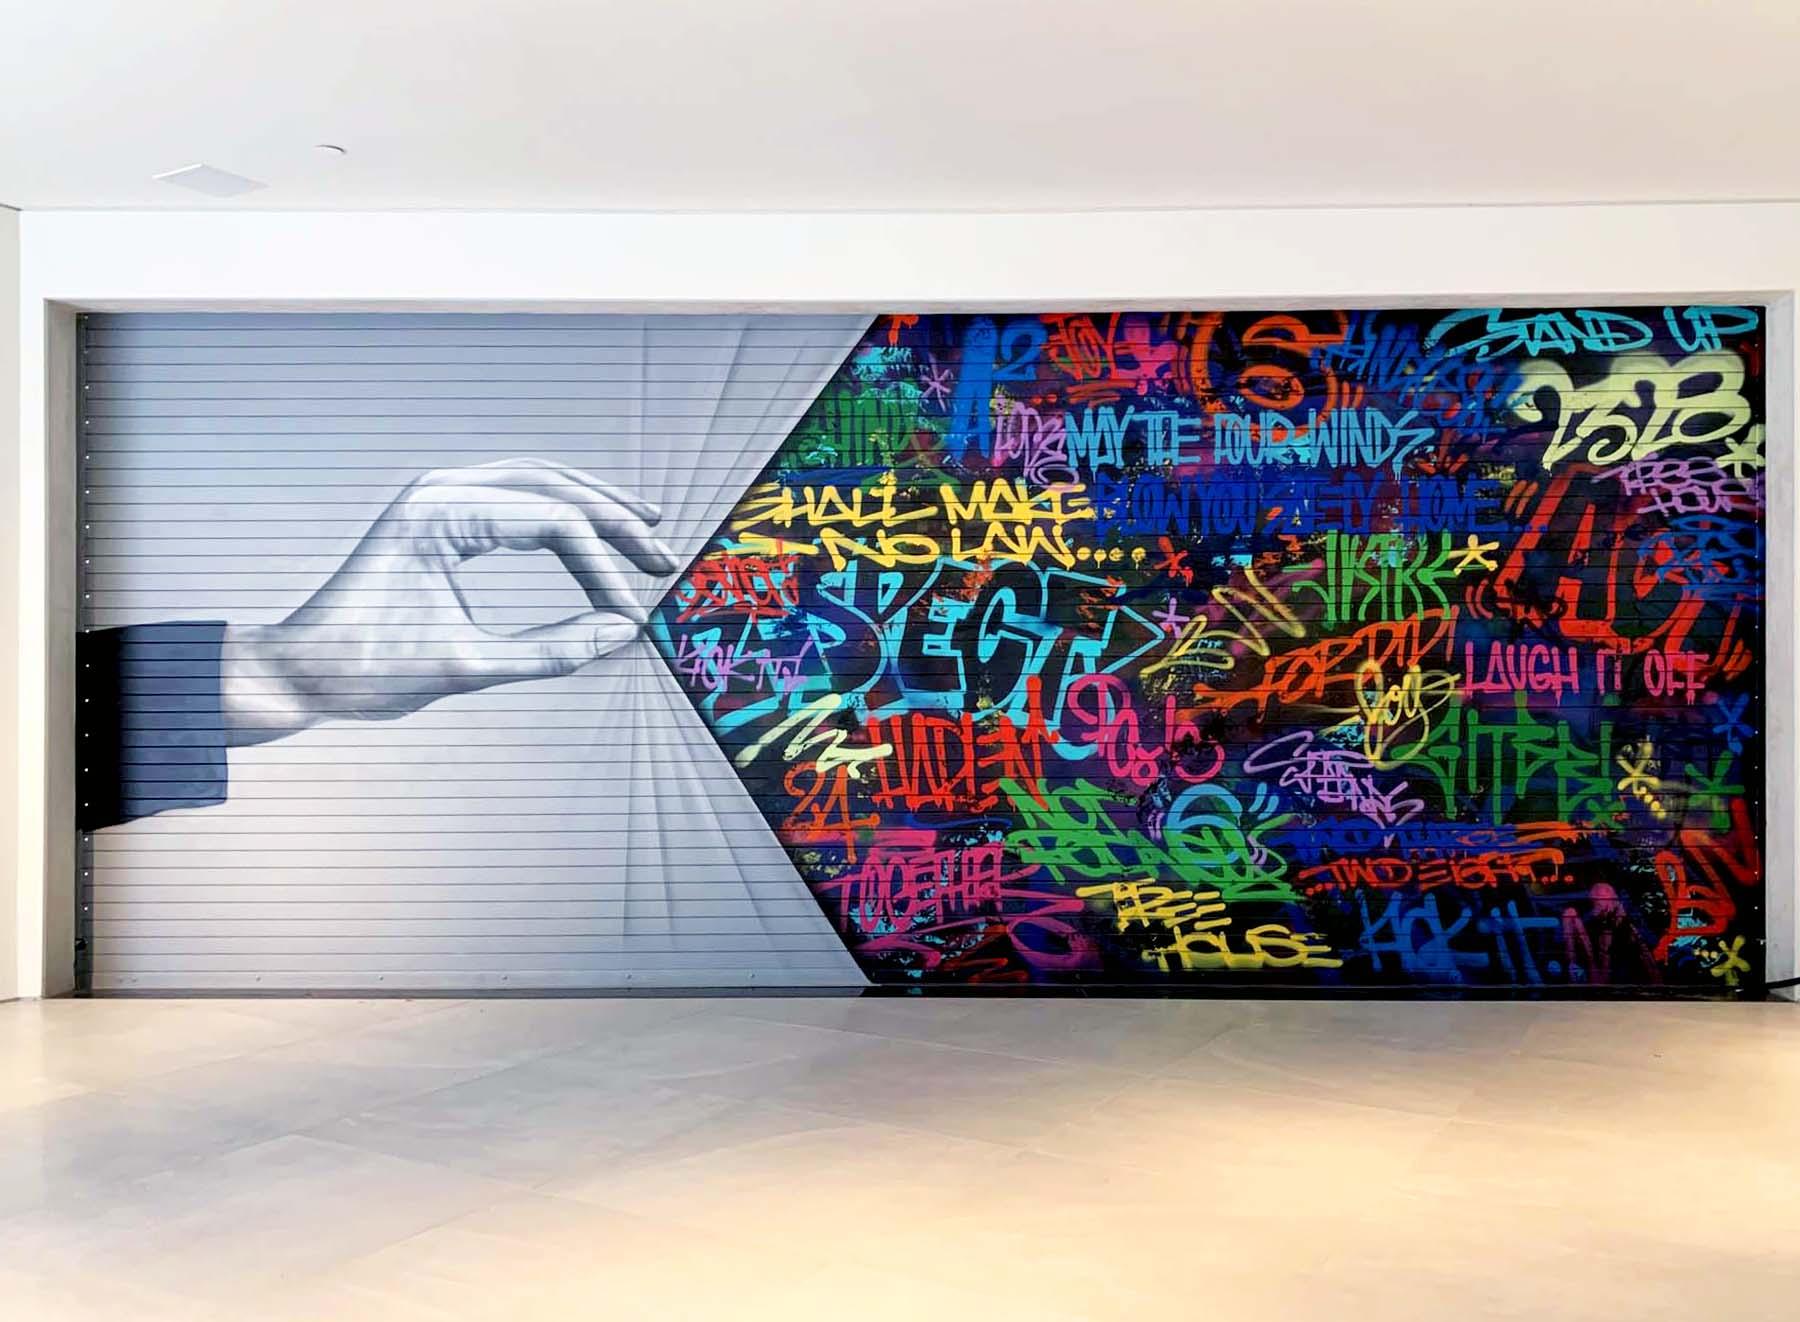 Street Art Mural Graffiti Residential Art